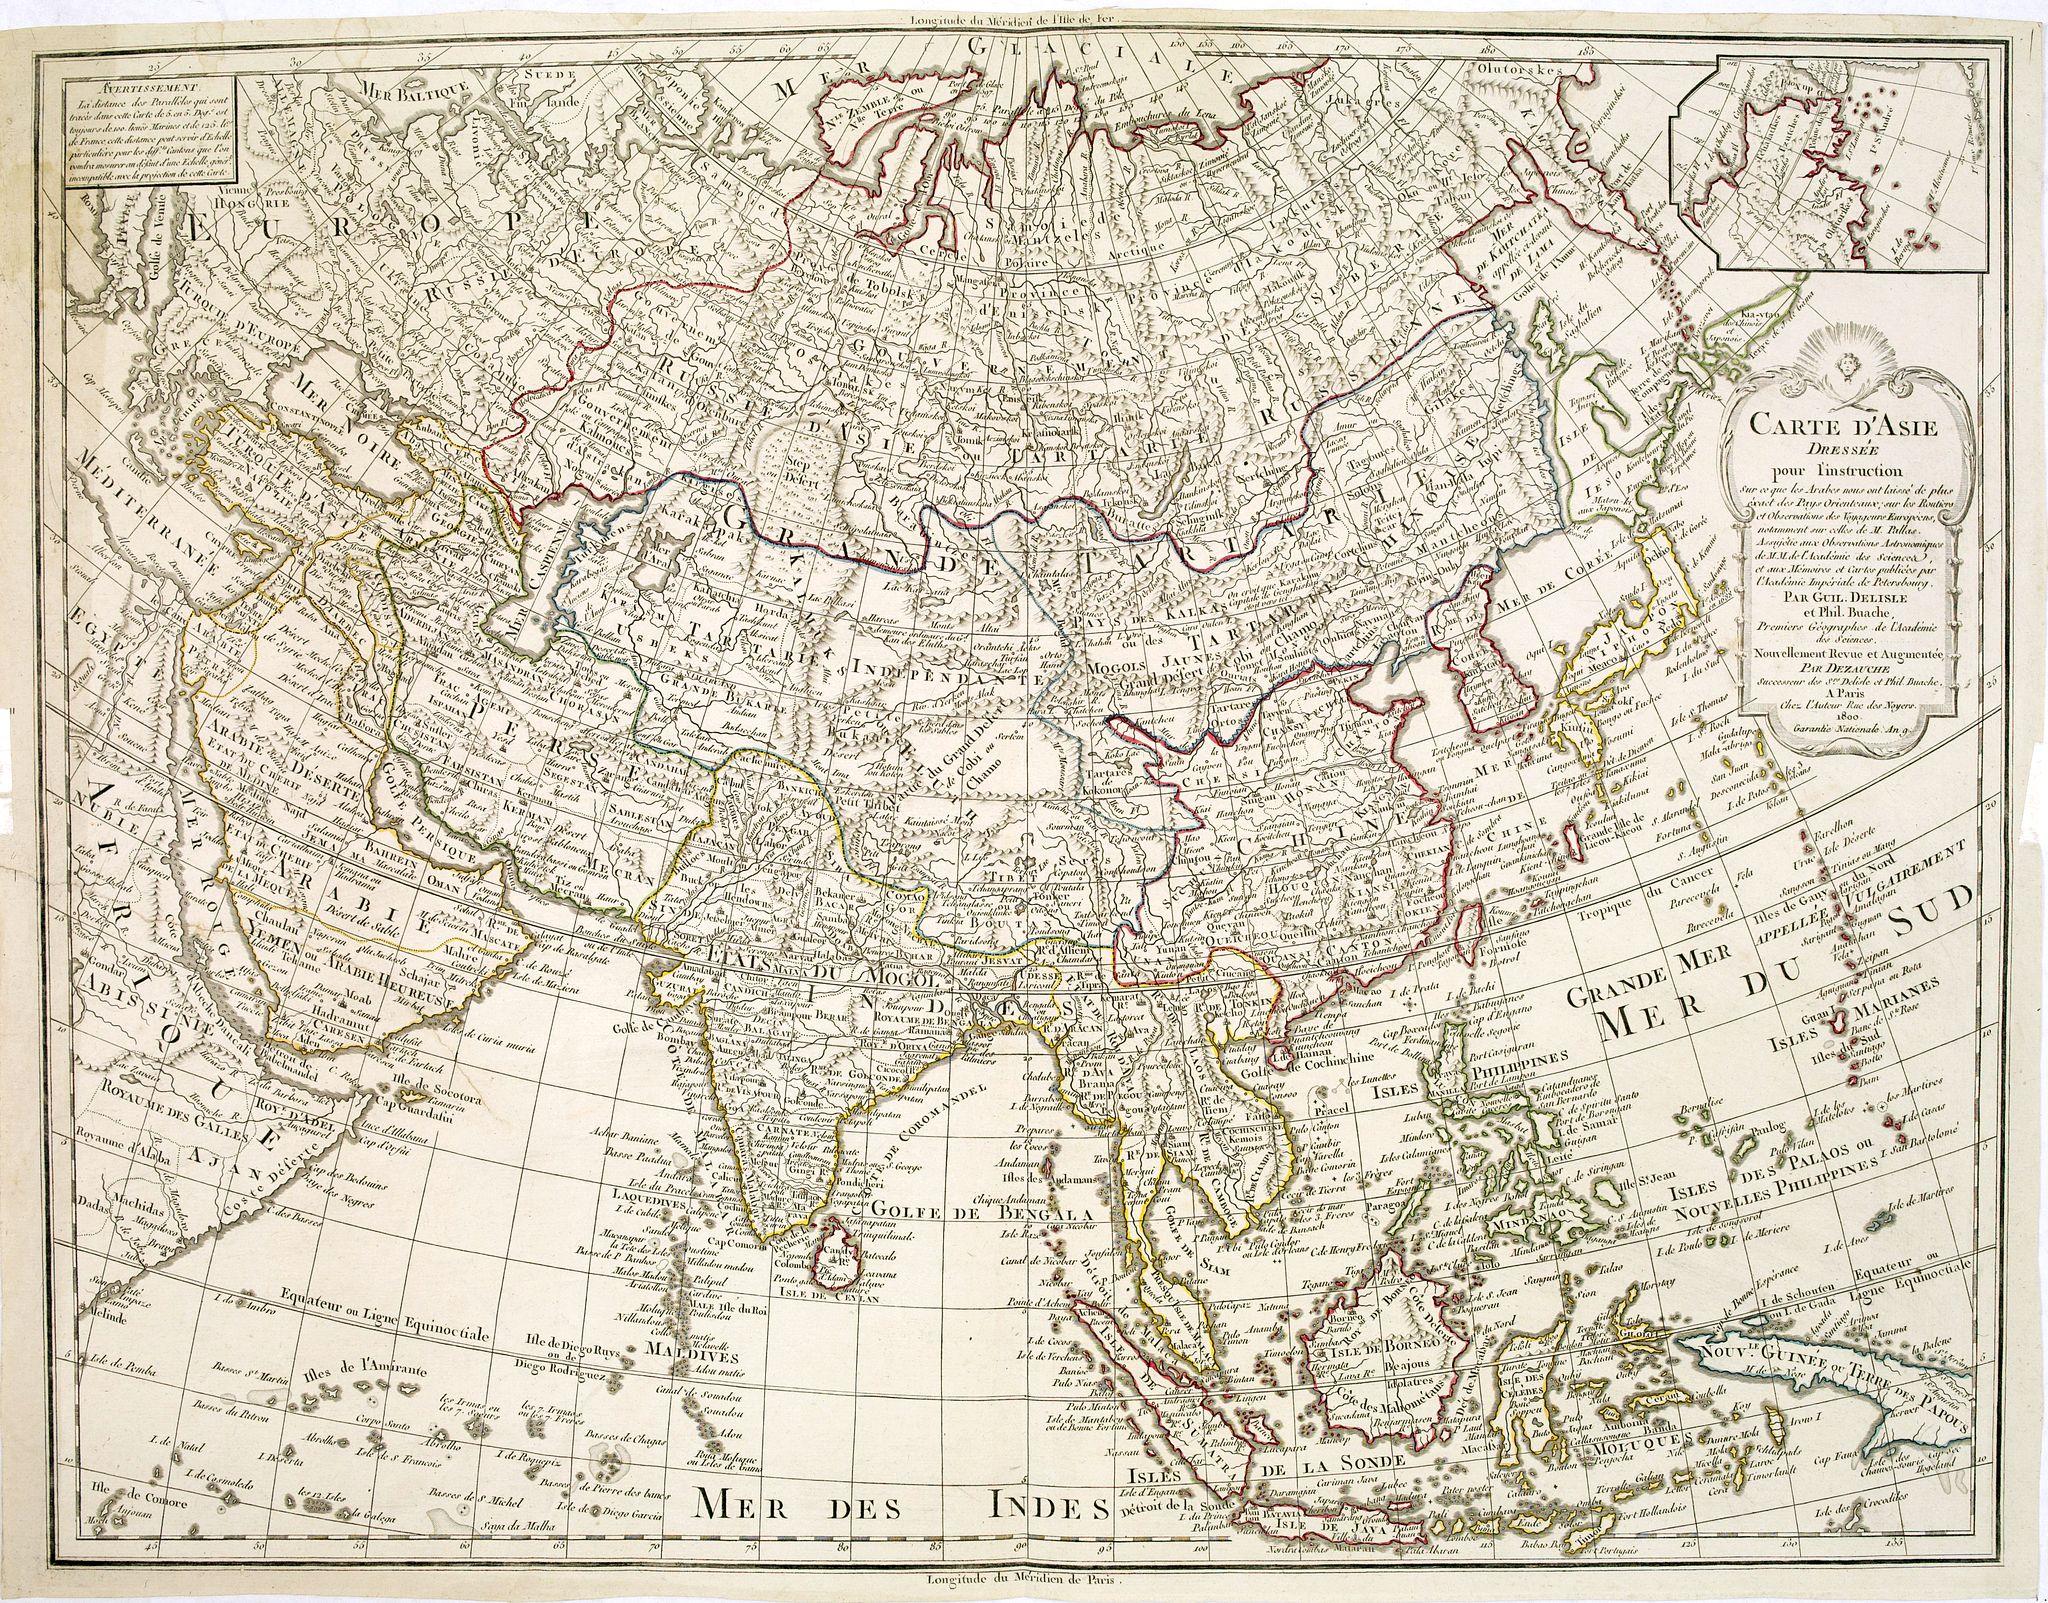 DELISLE, G. / DEZAUCHE, J. A. -  Carte de Asie dresse´e pour l'instruction . . . par Guil. Delisle et Phil. Buache … nouvellement revue et augmentee´ par Dezauche.